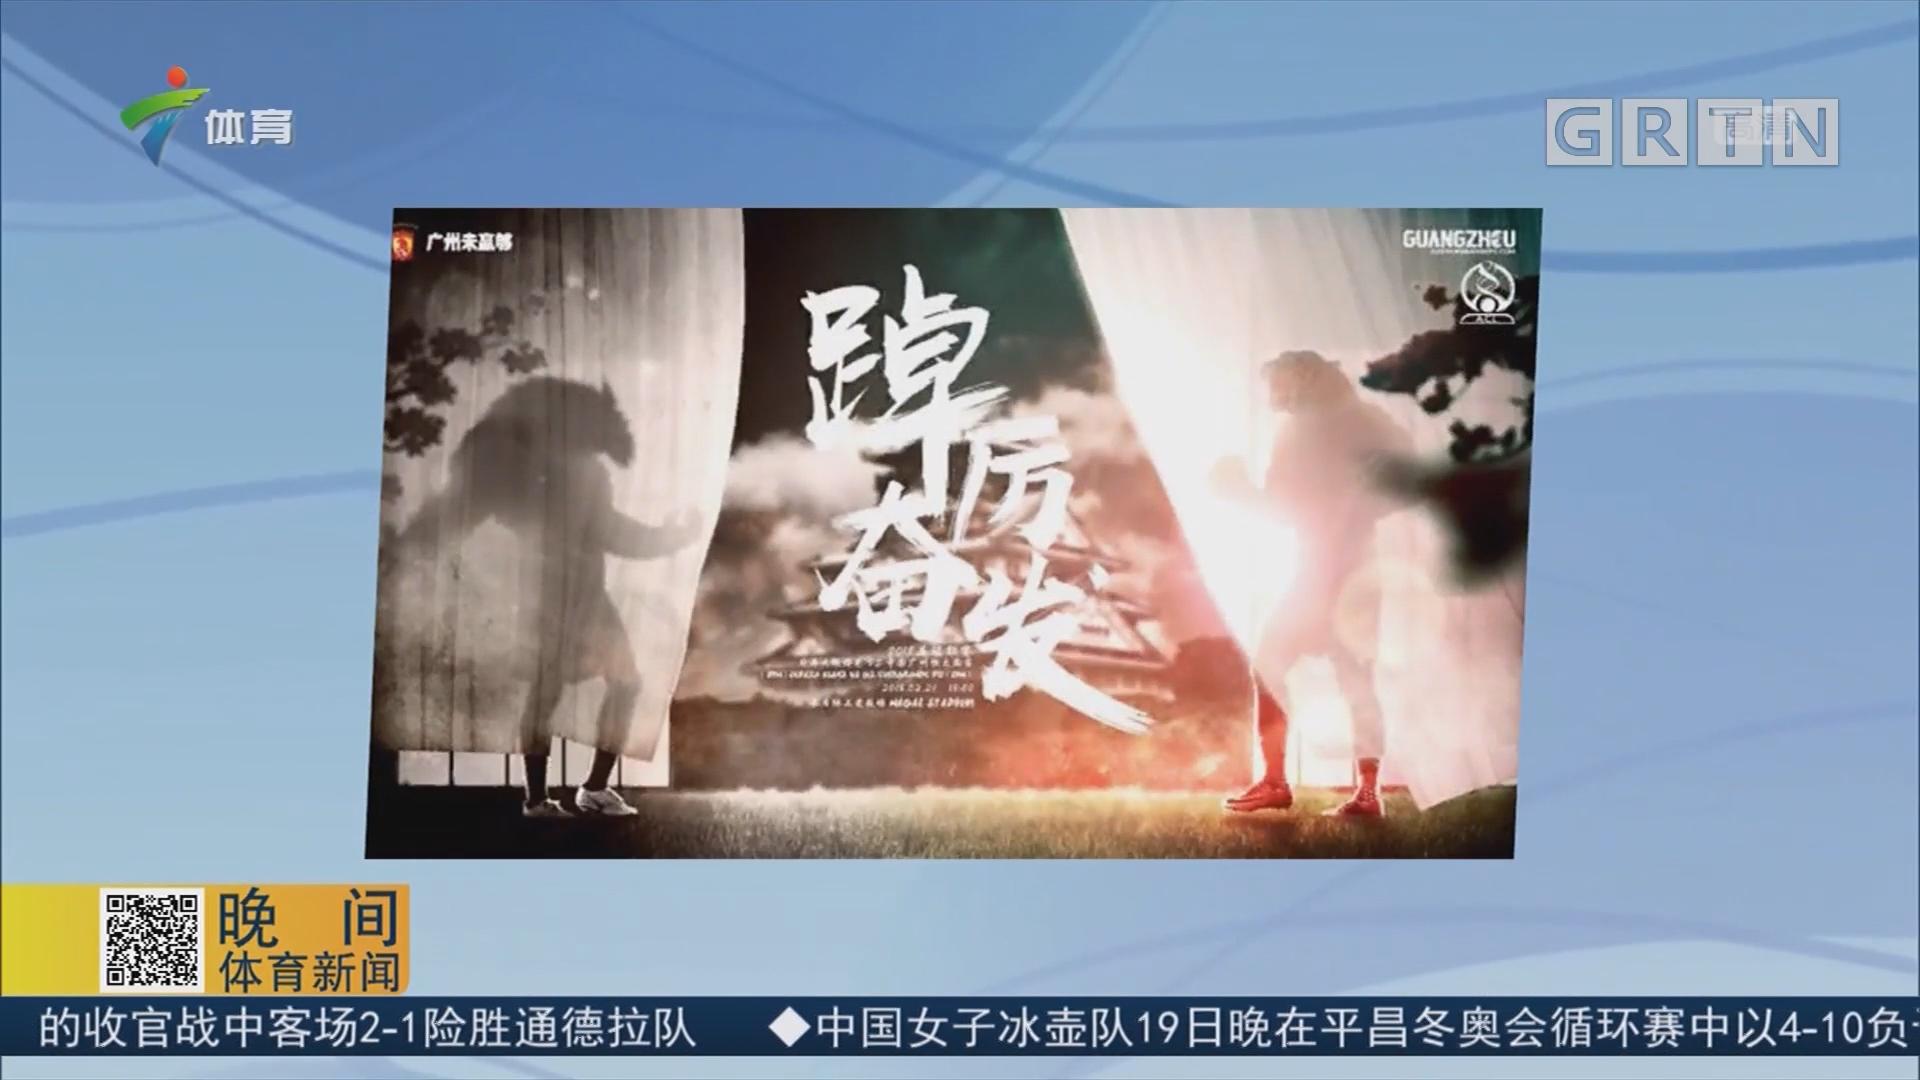 恒大发布亚冠客战大阪樱花海报:踔厉奋发